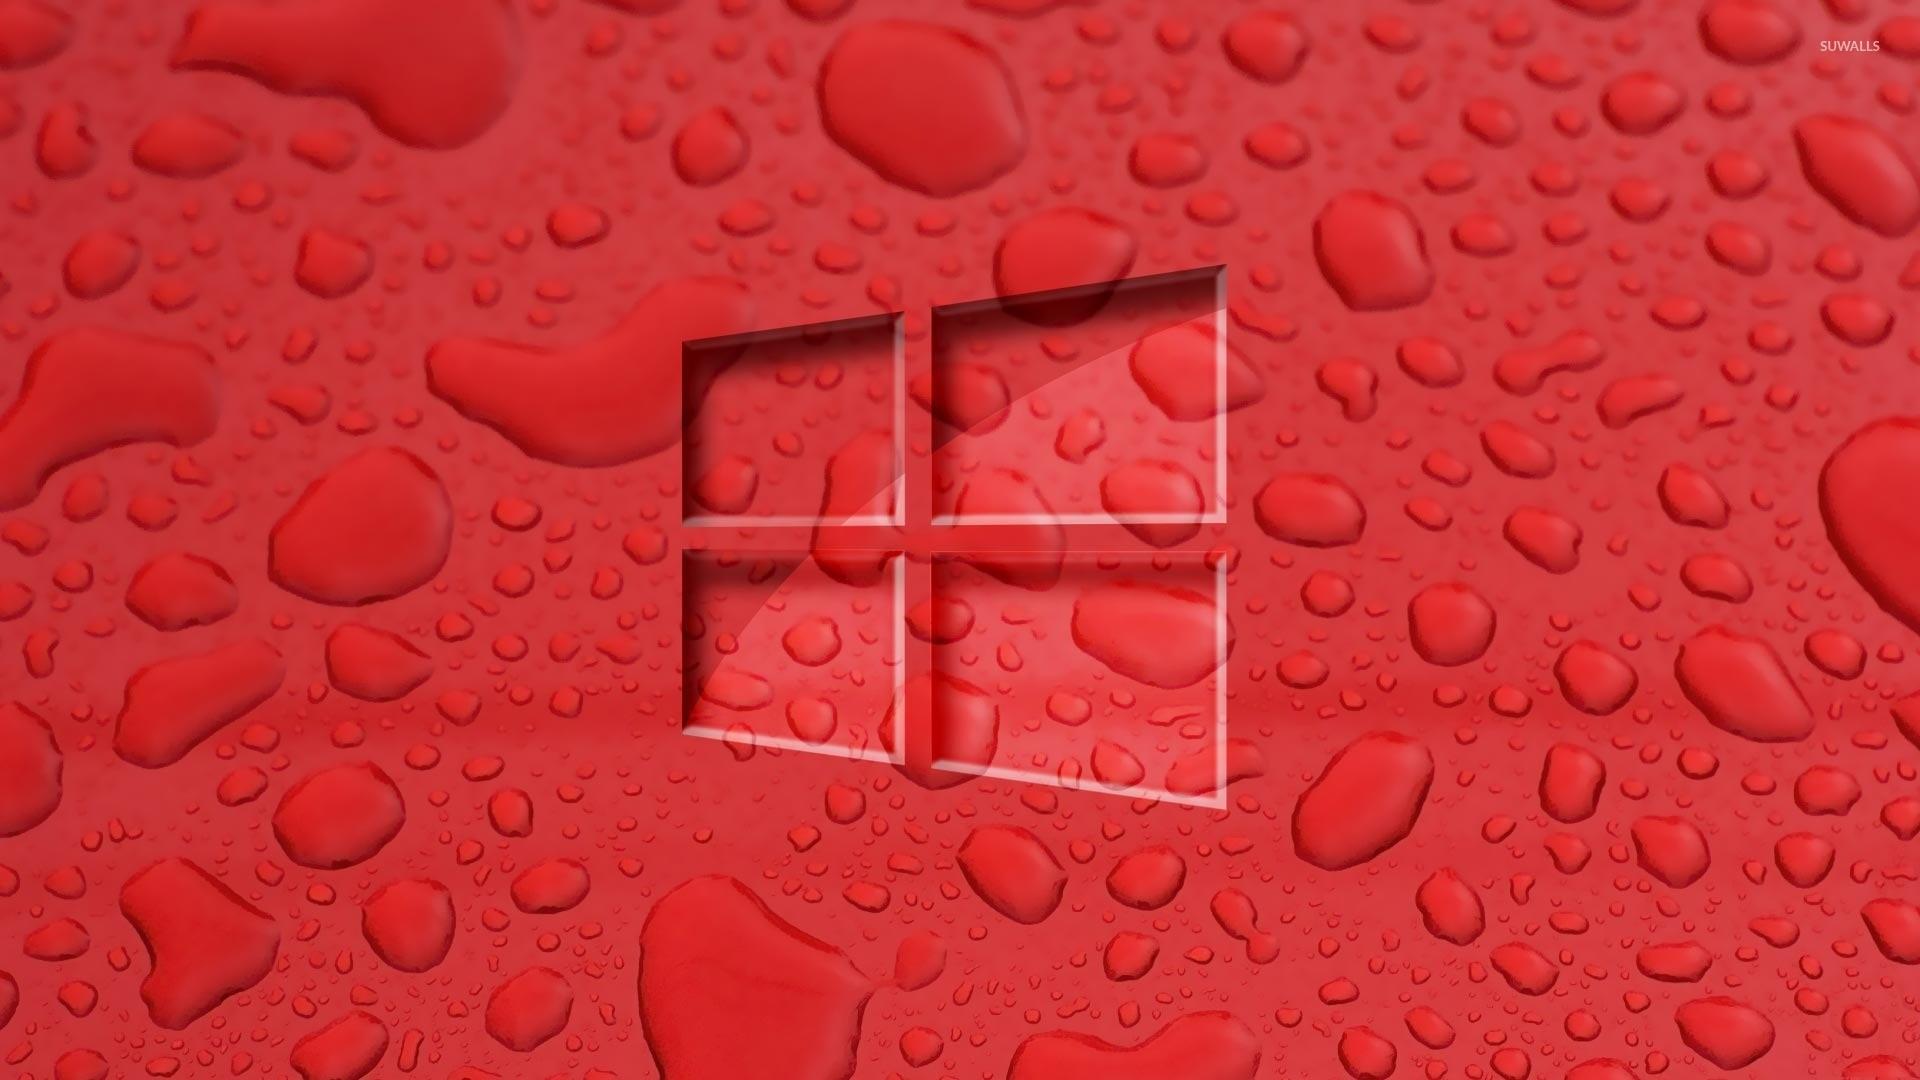 Windows 10 on water drops [2] wallpaper jpg